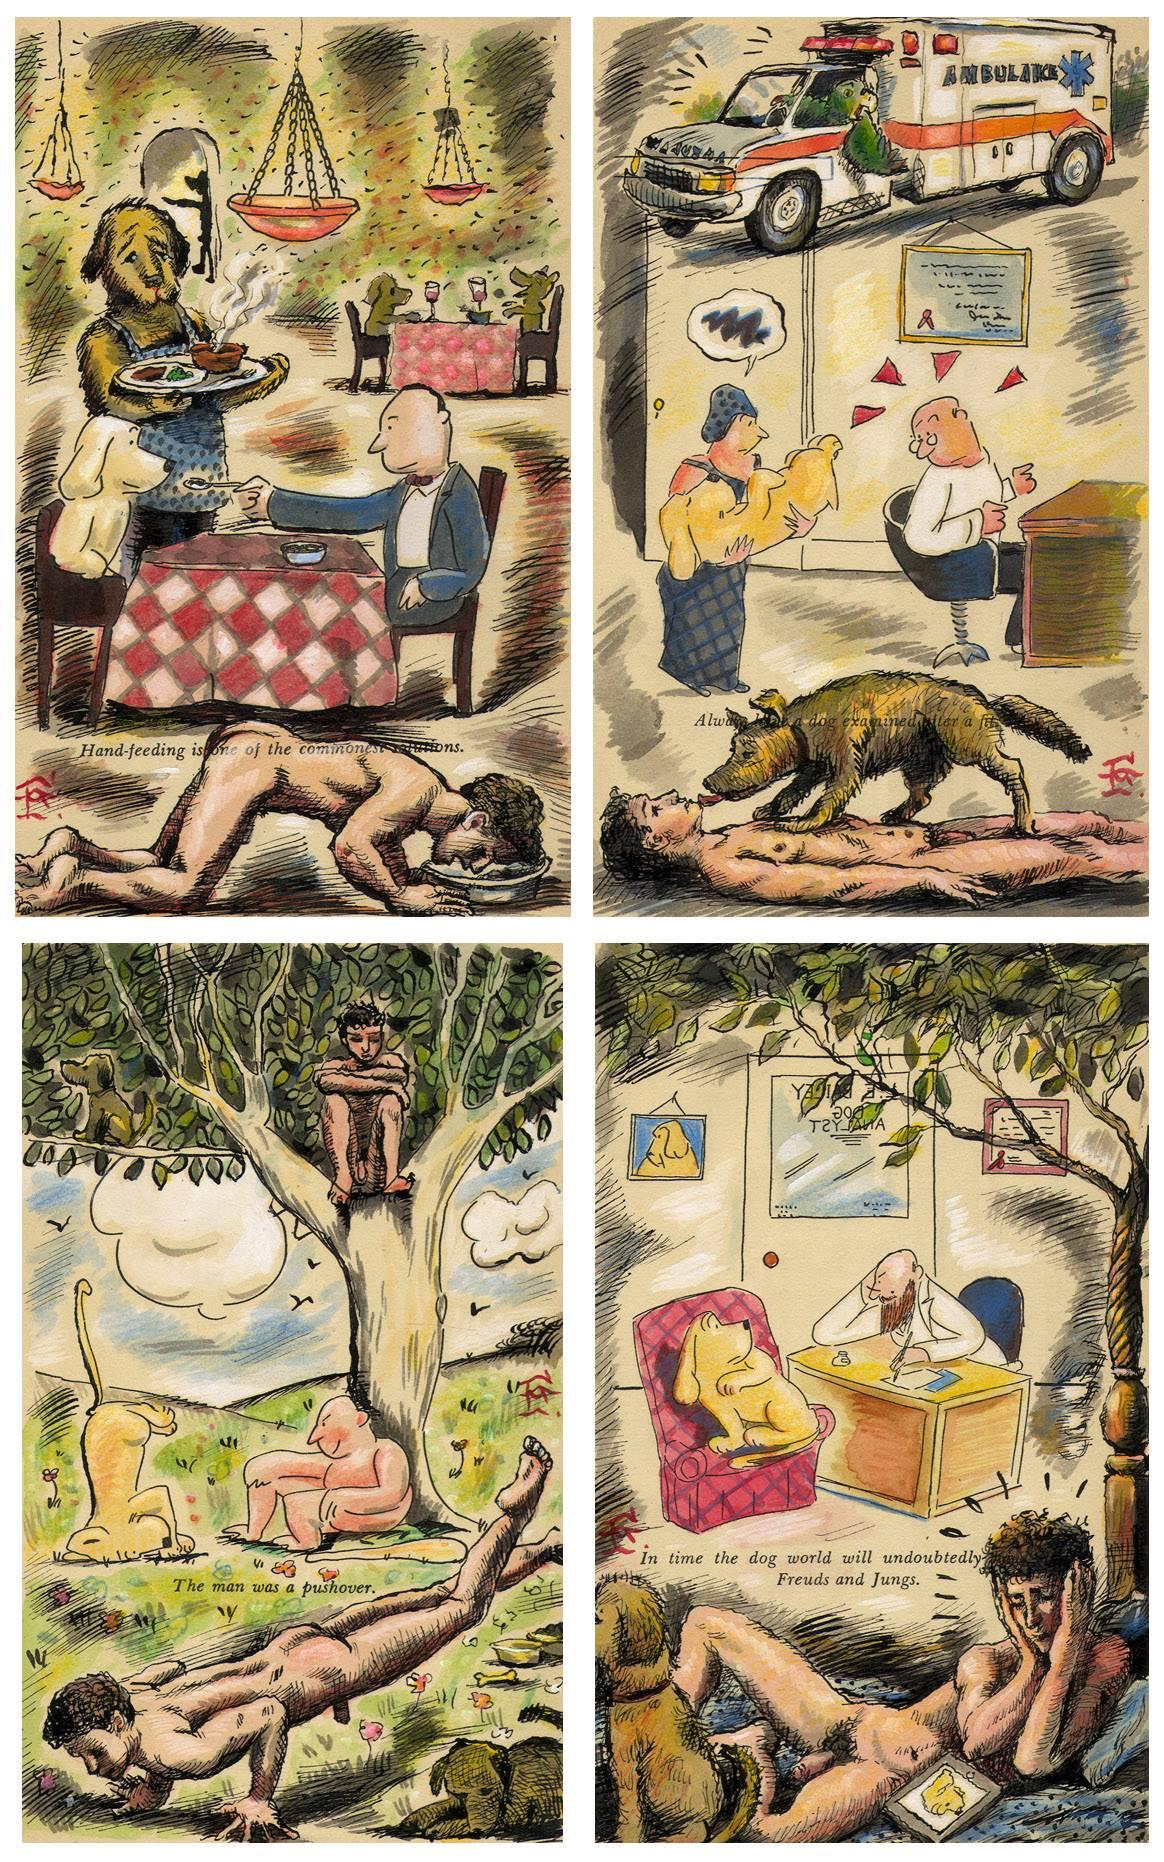 Embellished vintage Thurber pages